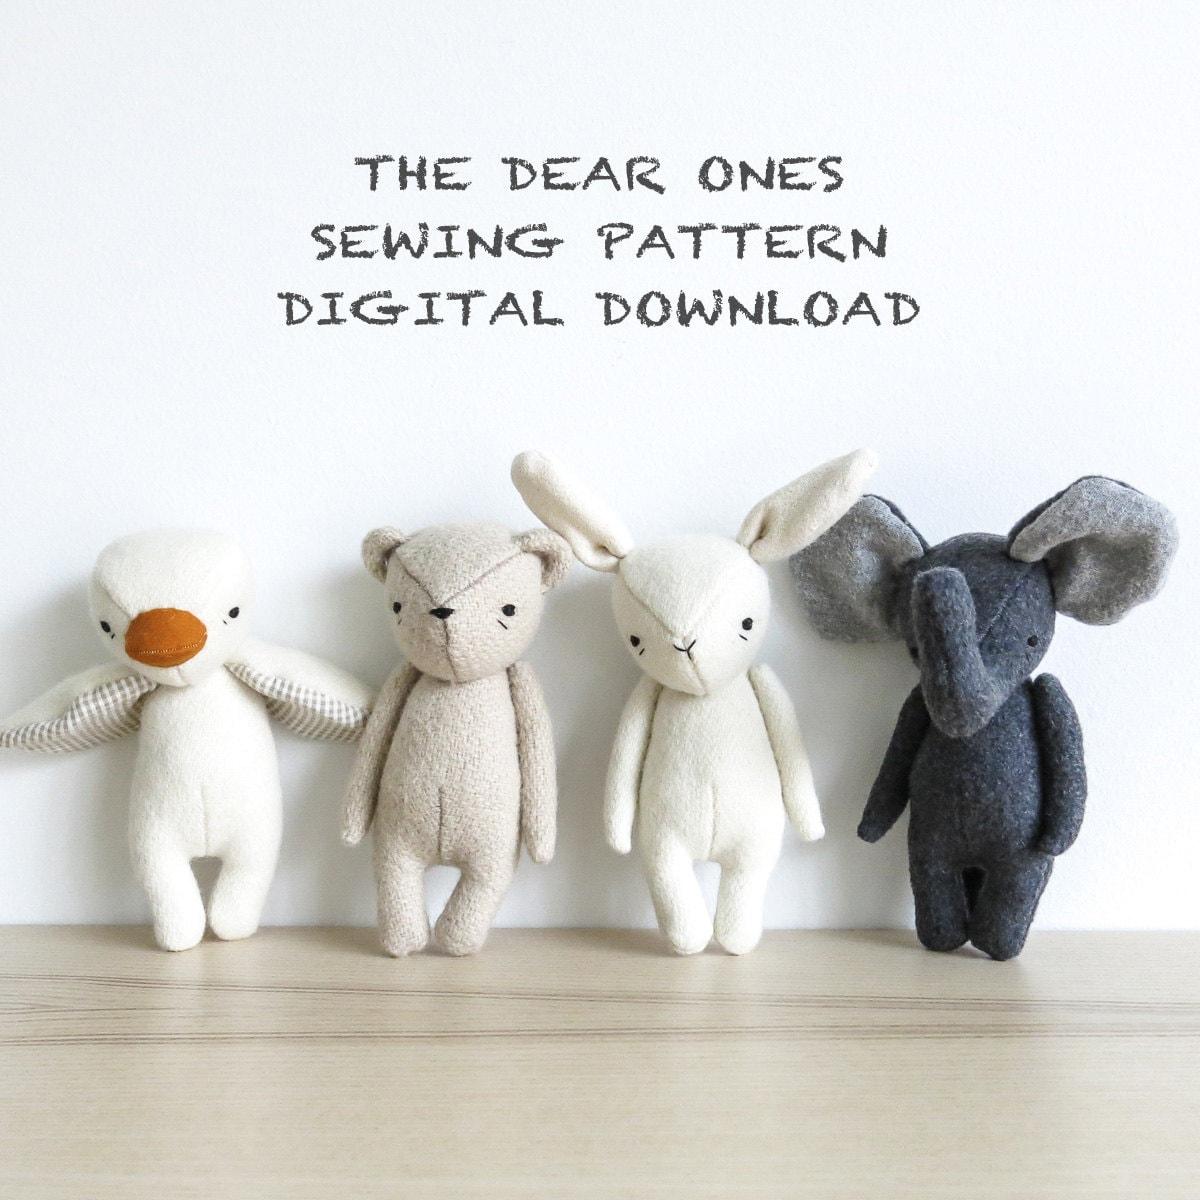 Sewing pattern set of four the dear ones bear bunny duck and sewing pattern set of four the dear ones bear bunny duck and elephant soft toy pdf pattern digital download jeuxipadfo Gallery